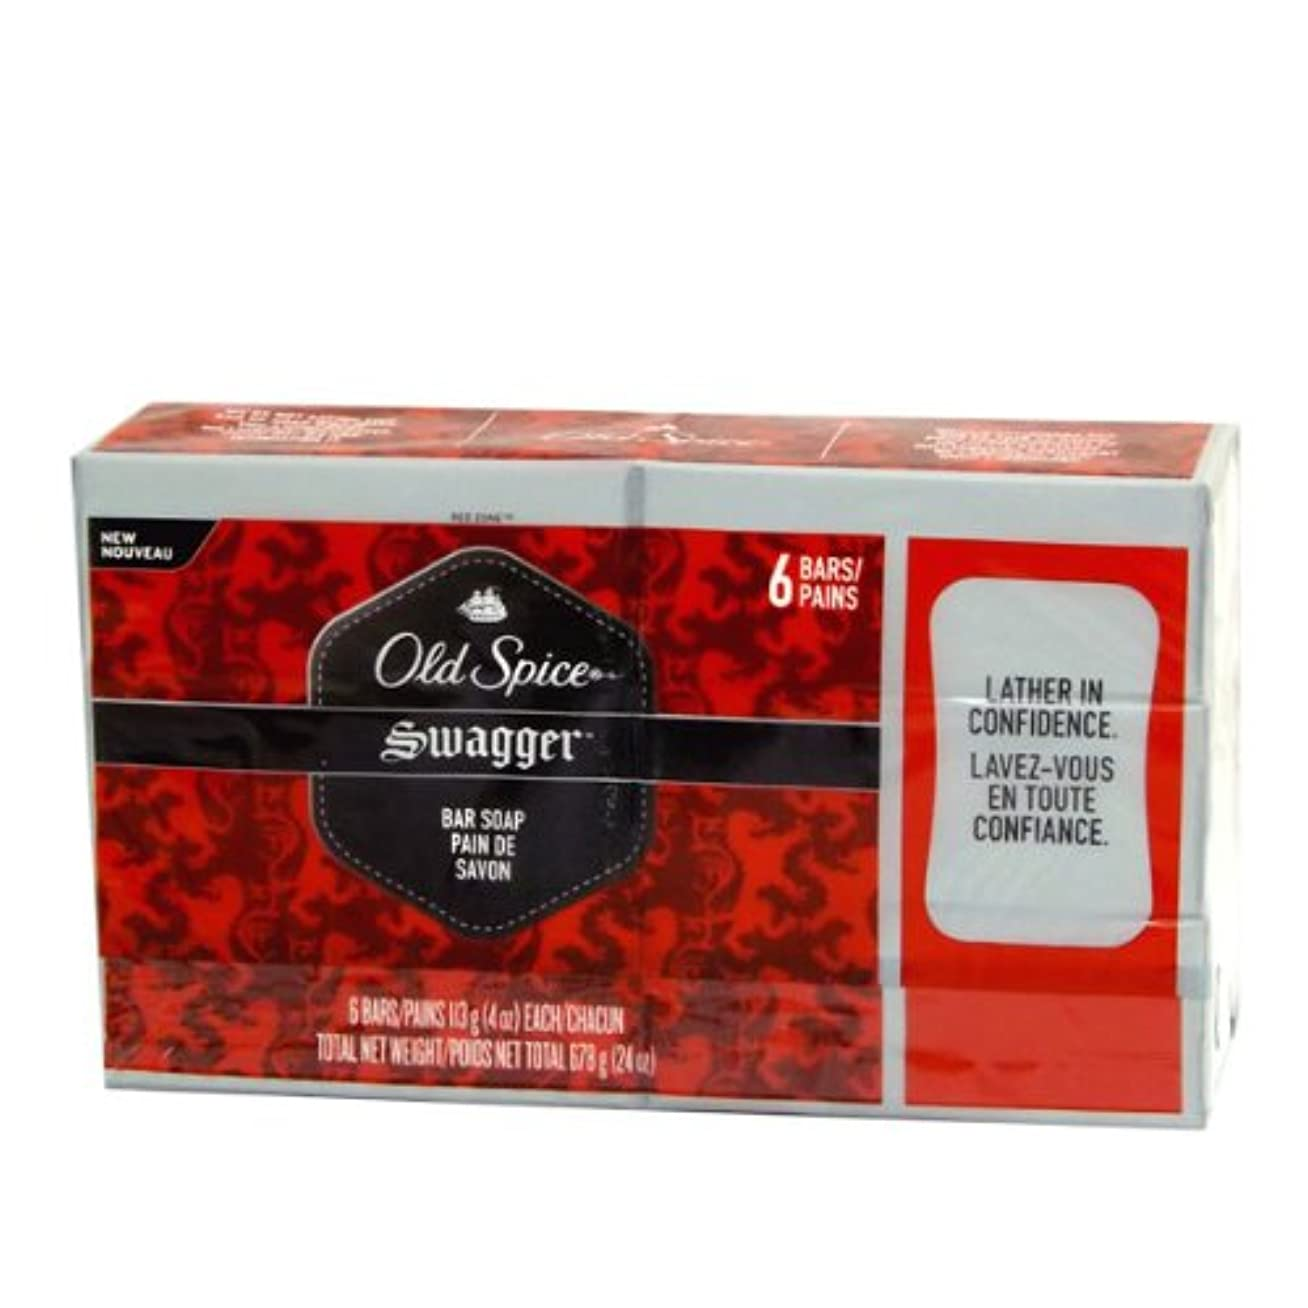 破壊的宿泊骨の折れるOld spice bar soap swagger オールドスパイス バーソープ スワガー (石鹸) 6個パック [並行輸入品]